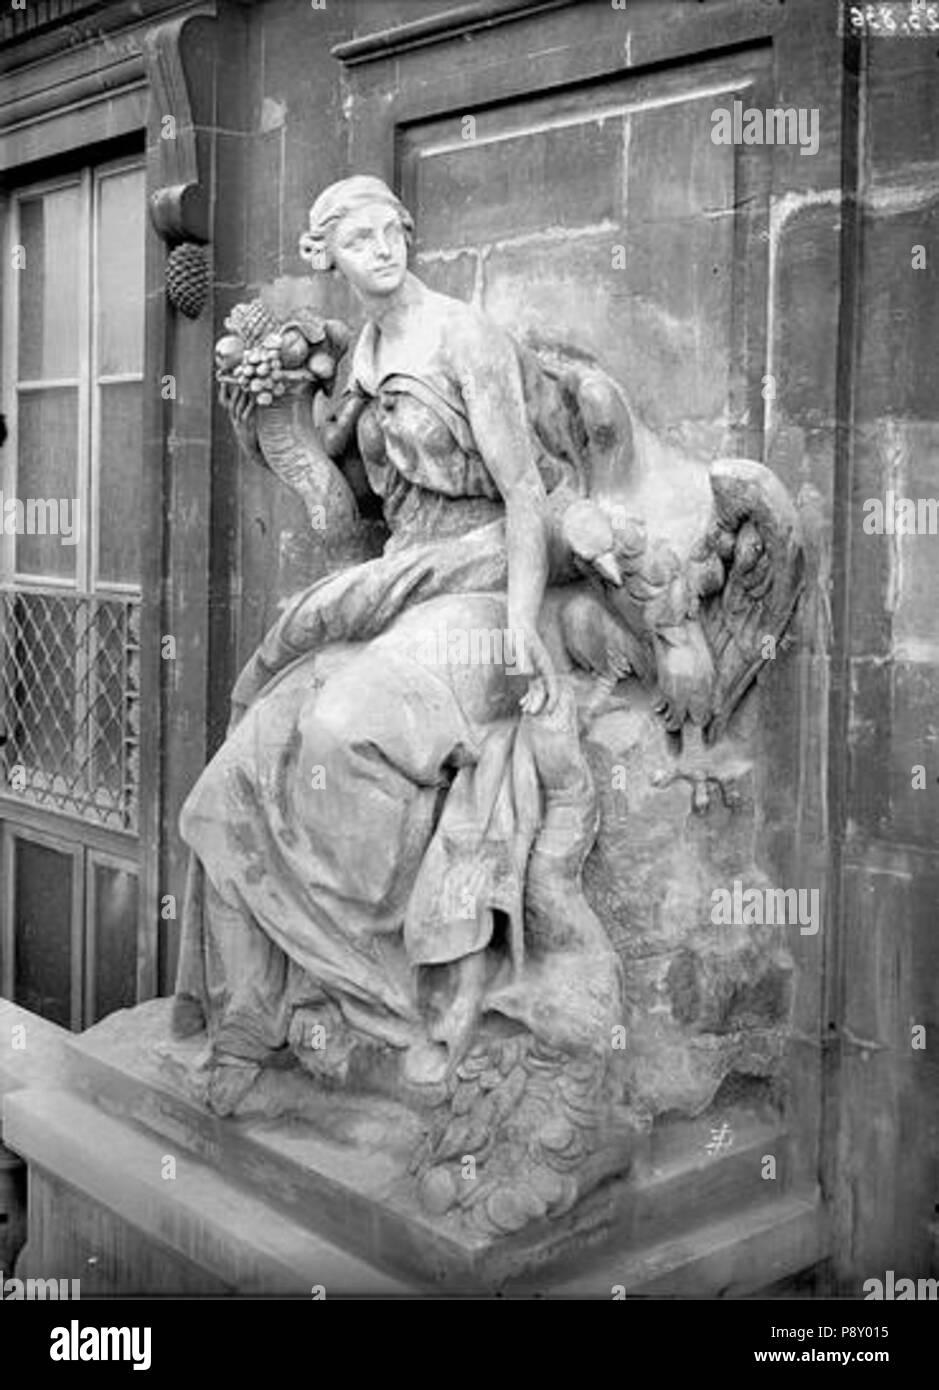 260 Domaine national du Palais-Royal - Cour d'honneur, façade nord, statue de l'abondance - Paris - Médiathèque de l'architecture et du patrimoine - APMH00023836 - Stock Image